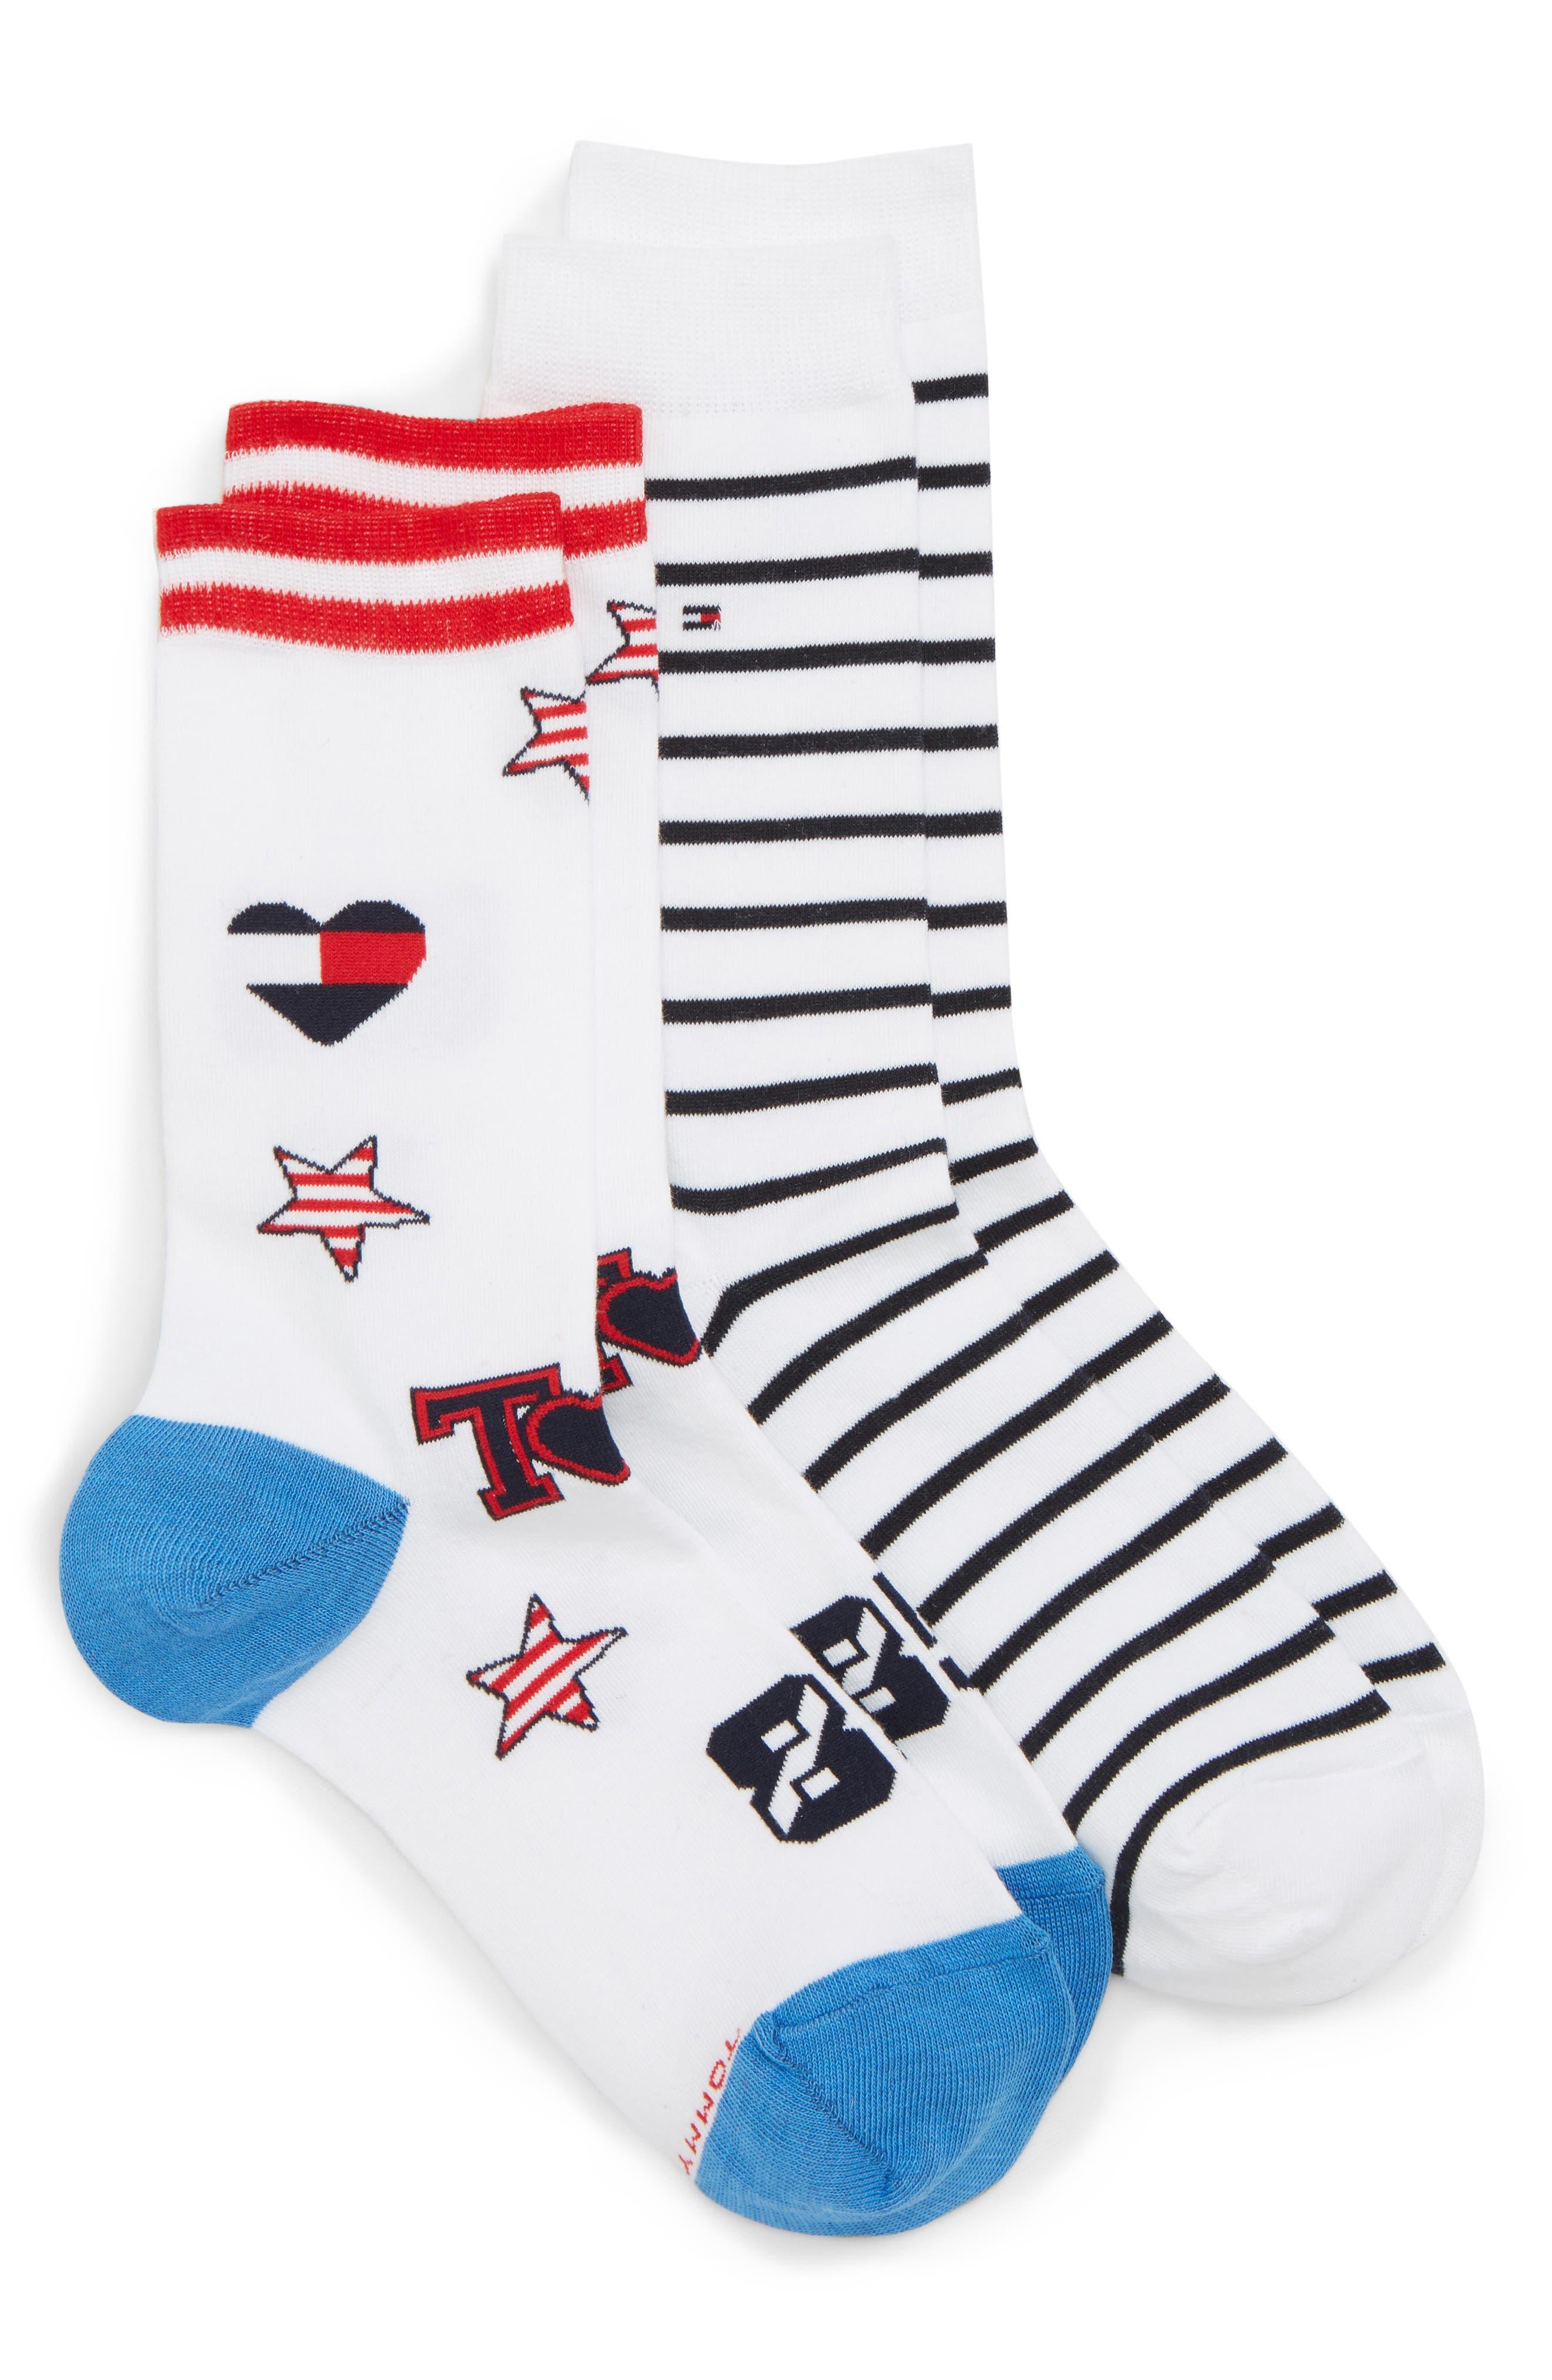 2-Pack Crew Socks,                         Main,                         color, White